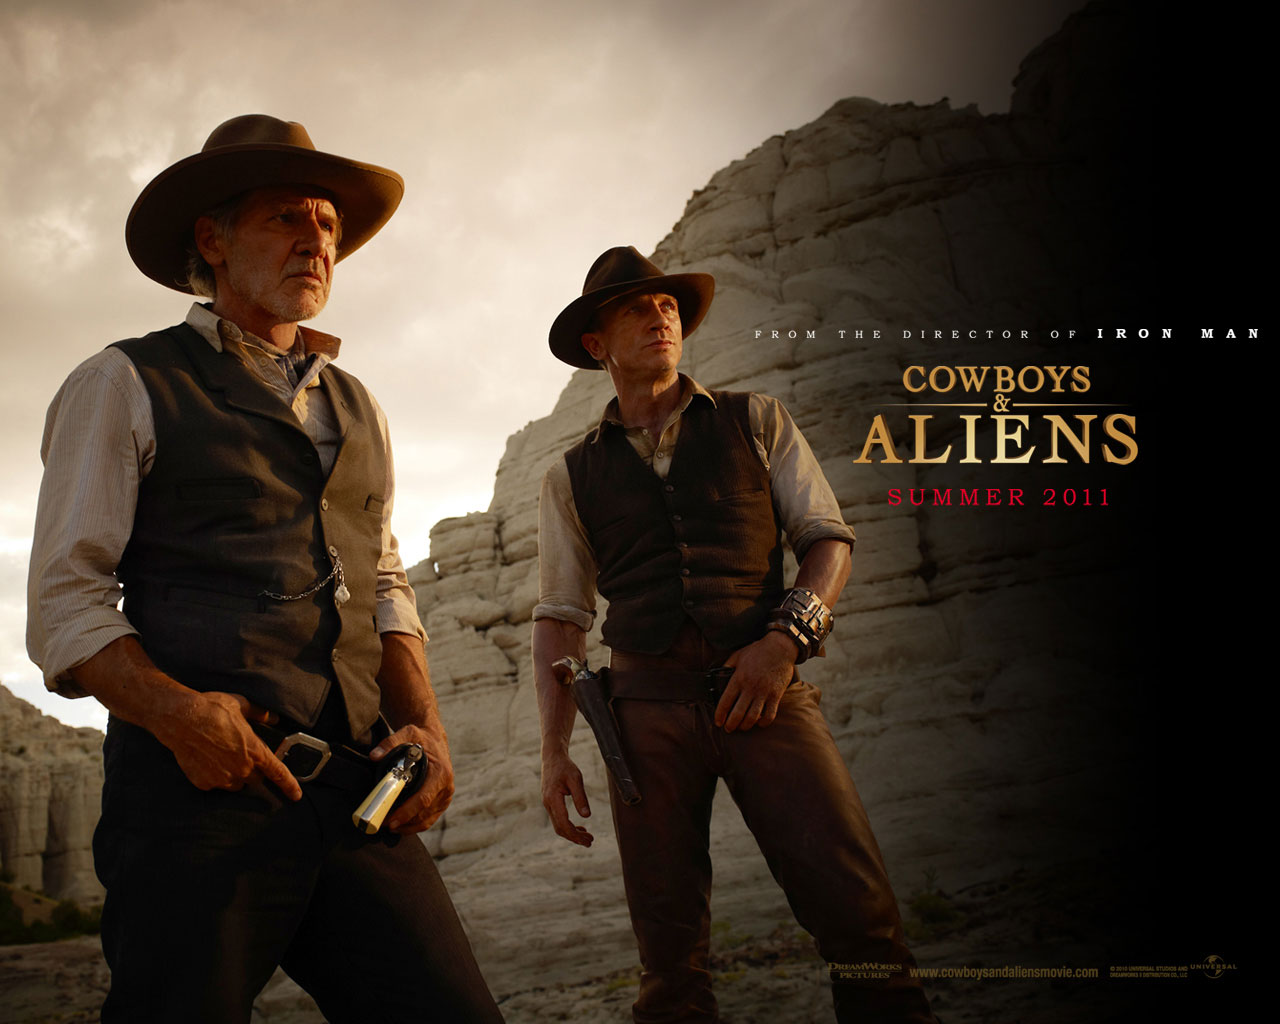 http://1.bp.blogspot.com/-9wahQLpW1ZI/Th1FUukyDKI/AAAAAAAAARk/2O4byfbtB7s/s1600/cowboysandaliens_1_1280.jpg